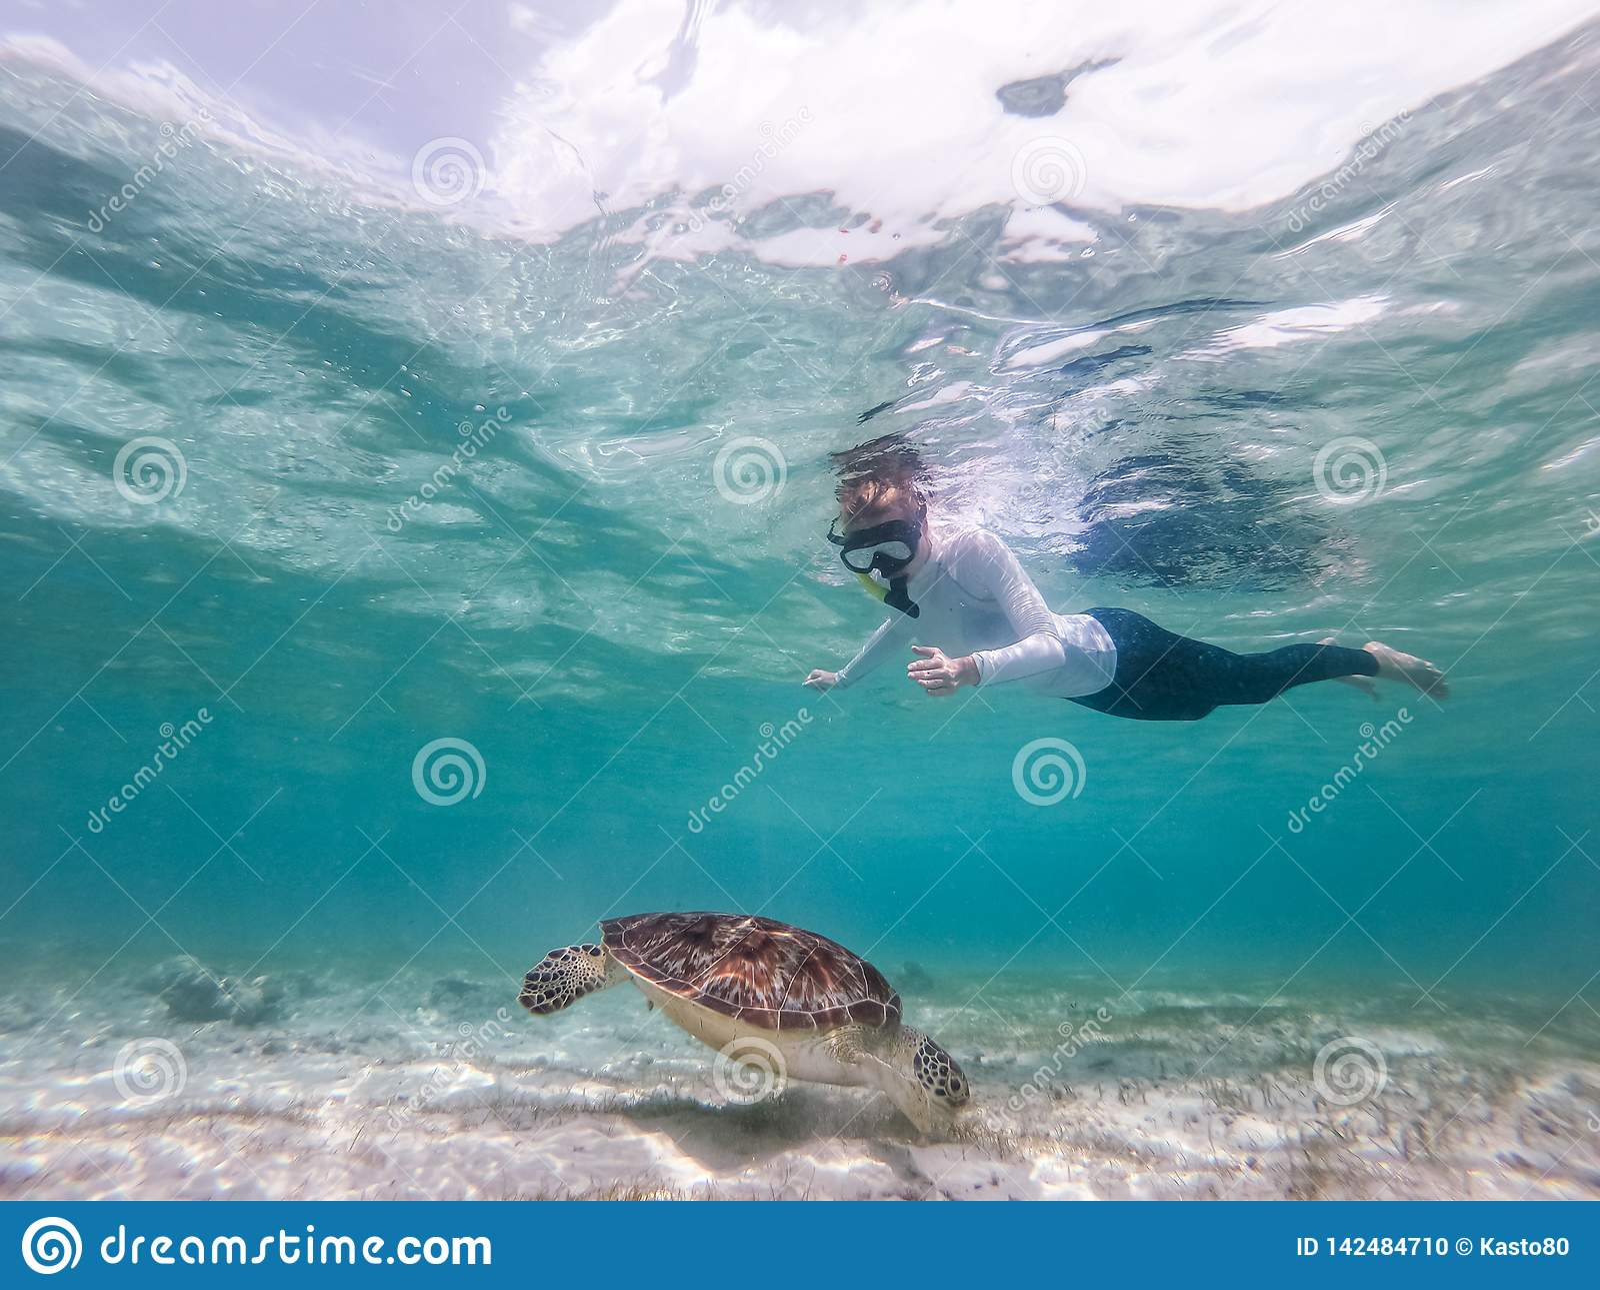 Vrouw die op vakanties snokeling masker dragen die met zeeschildpad in turkoois blauw water van Gili-eilanden zwemmen, Indonesië